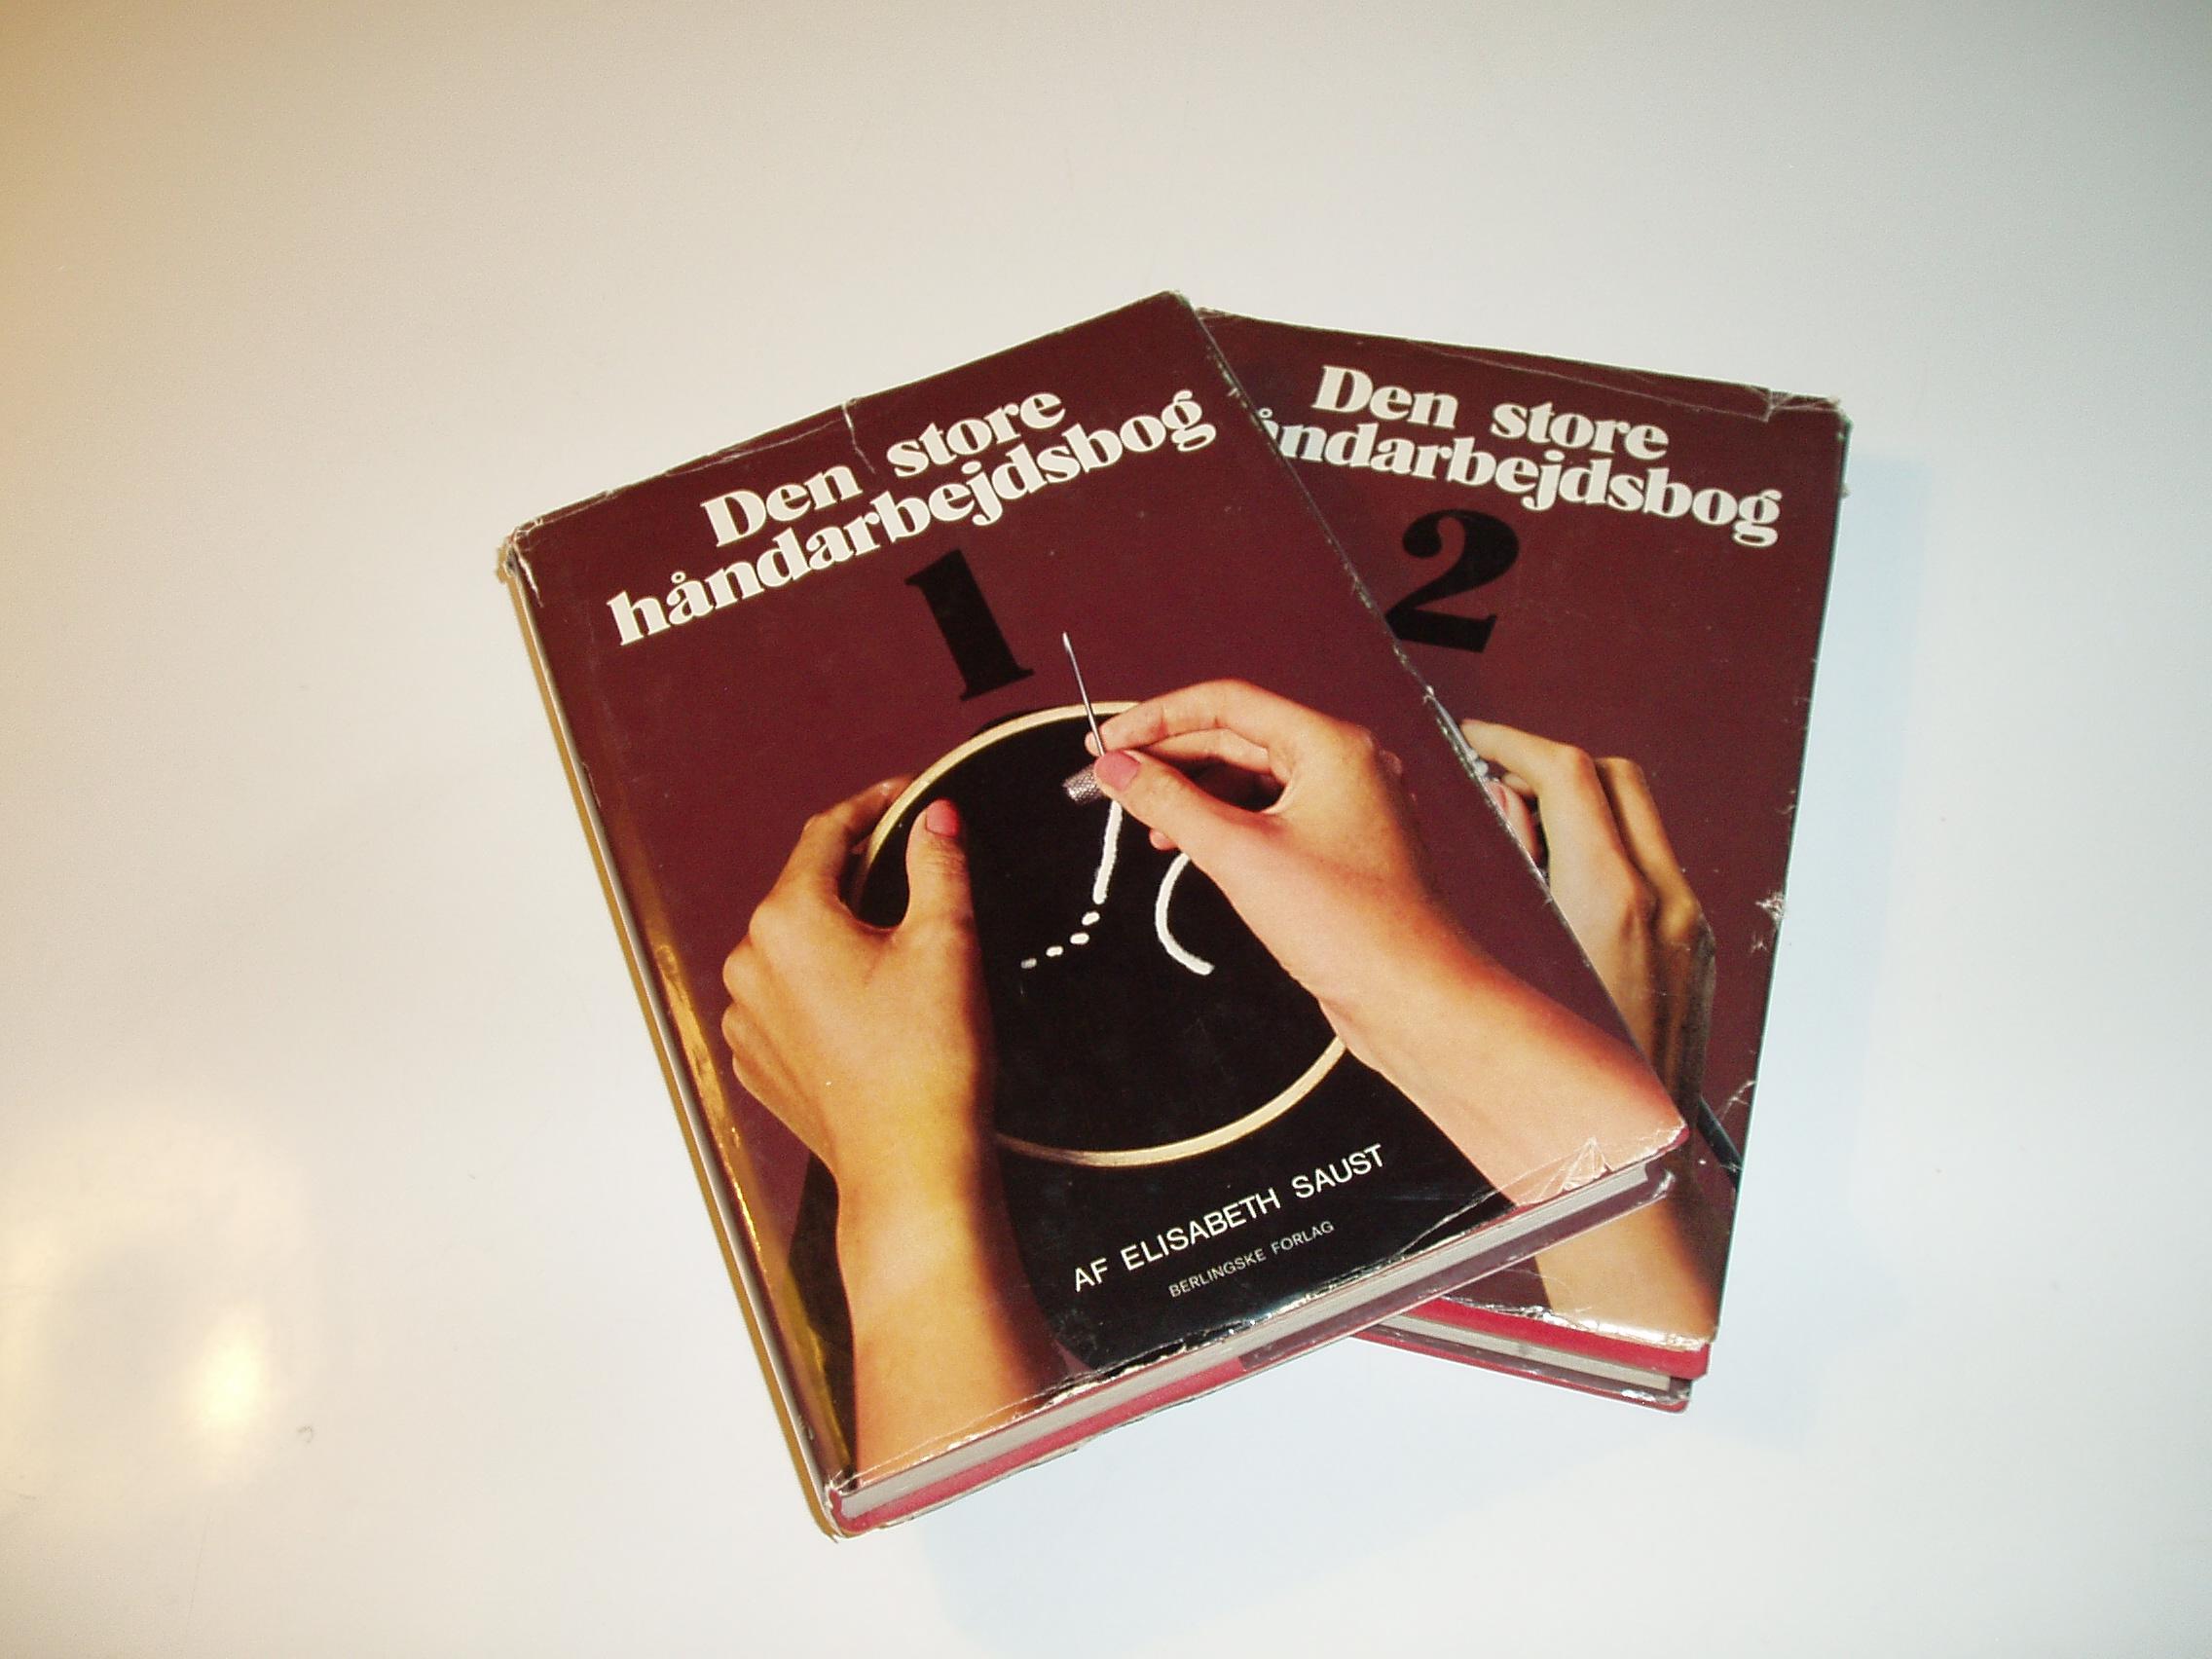 Den store håndarbejdsbog, 1-2